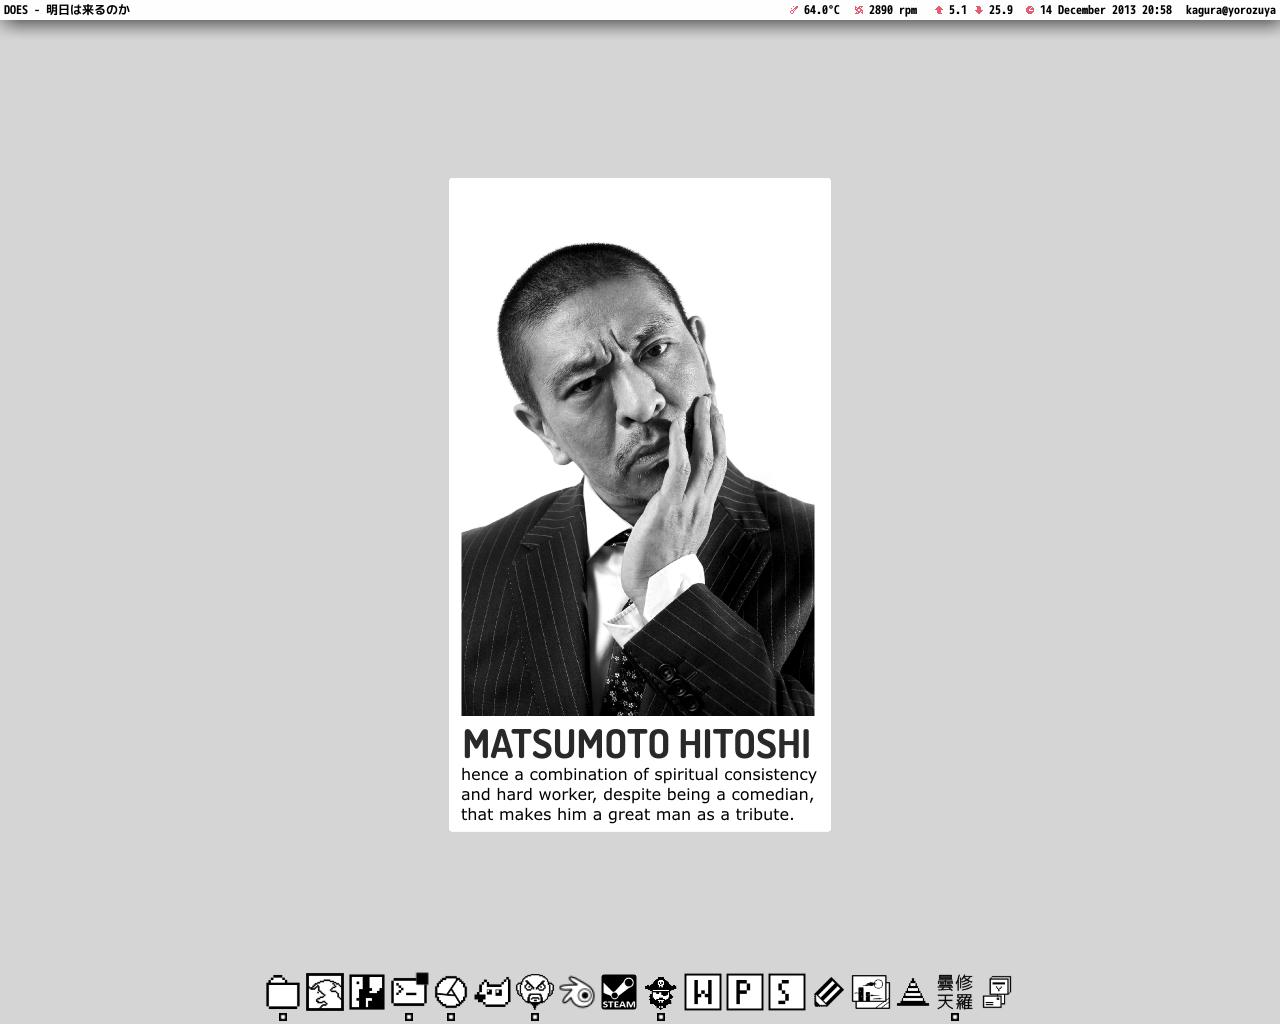 Matsumoto Hitoshi by rizal12345